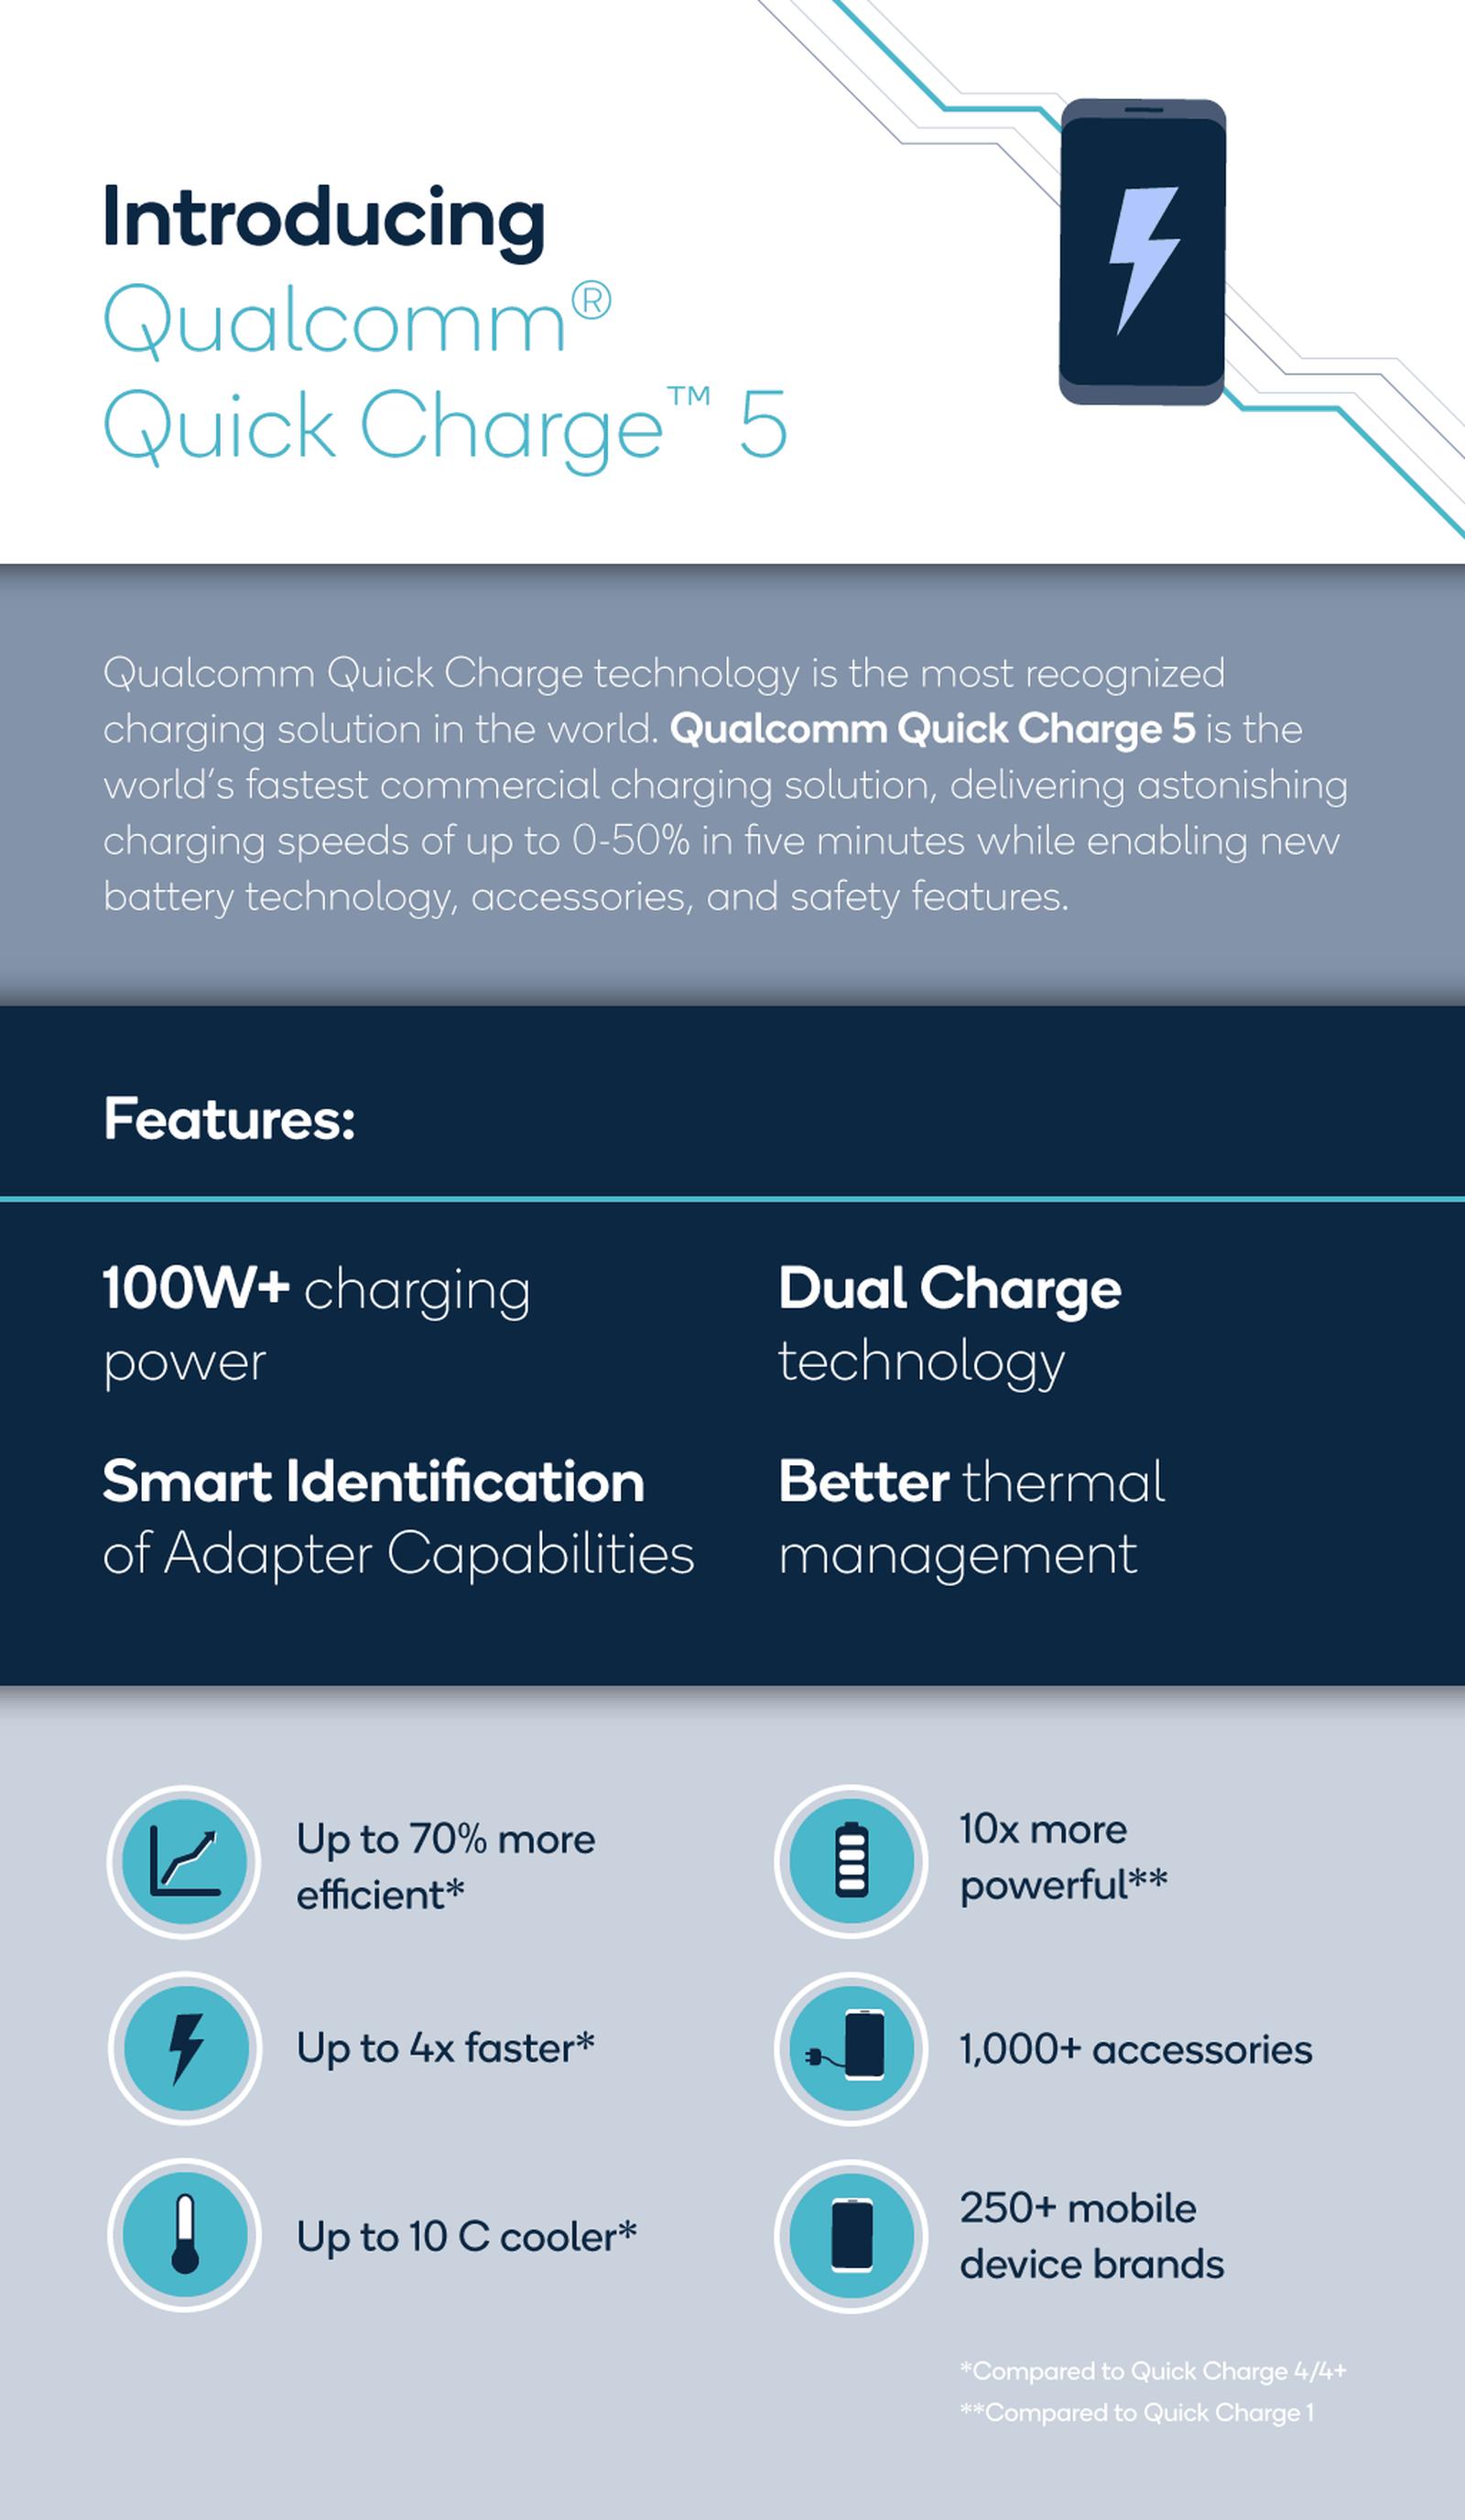 Tecnologia Quick Charge 5, da Qualcomm